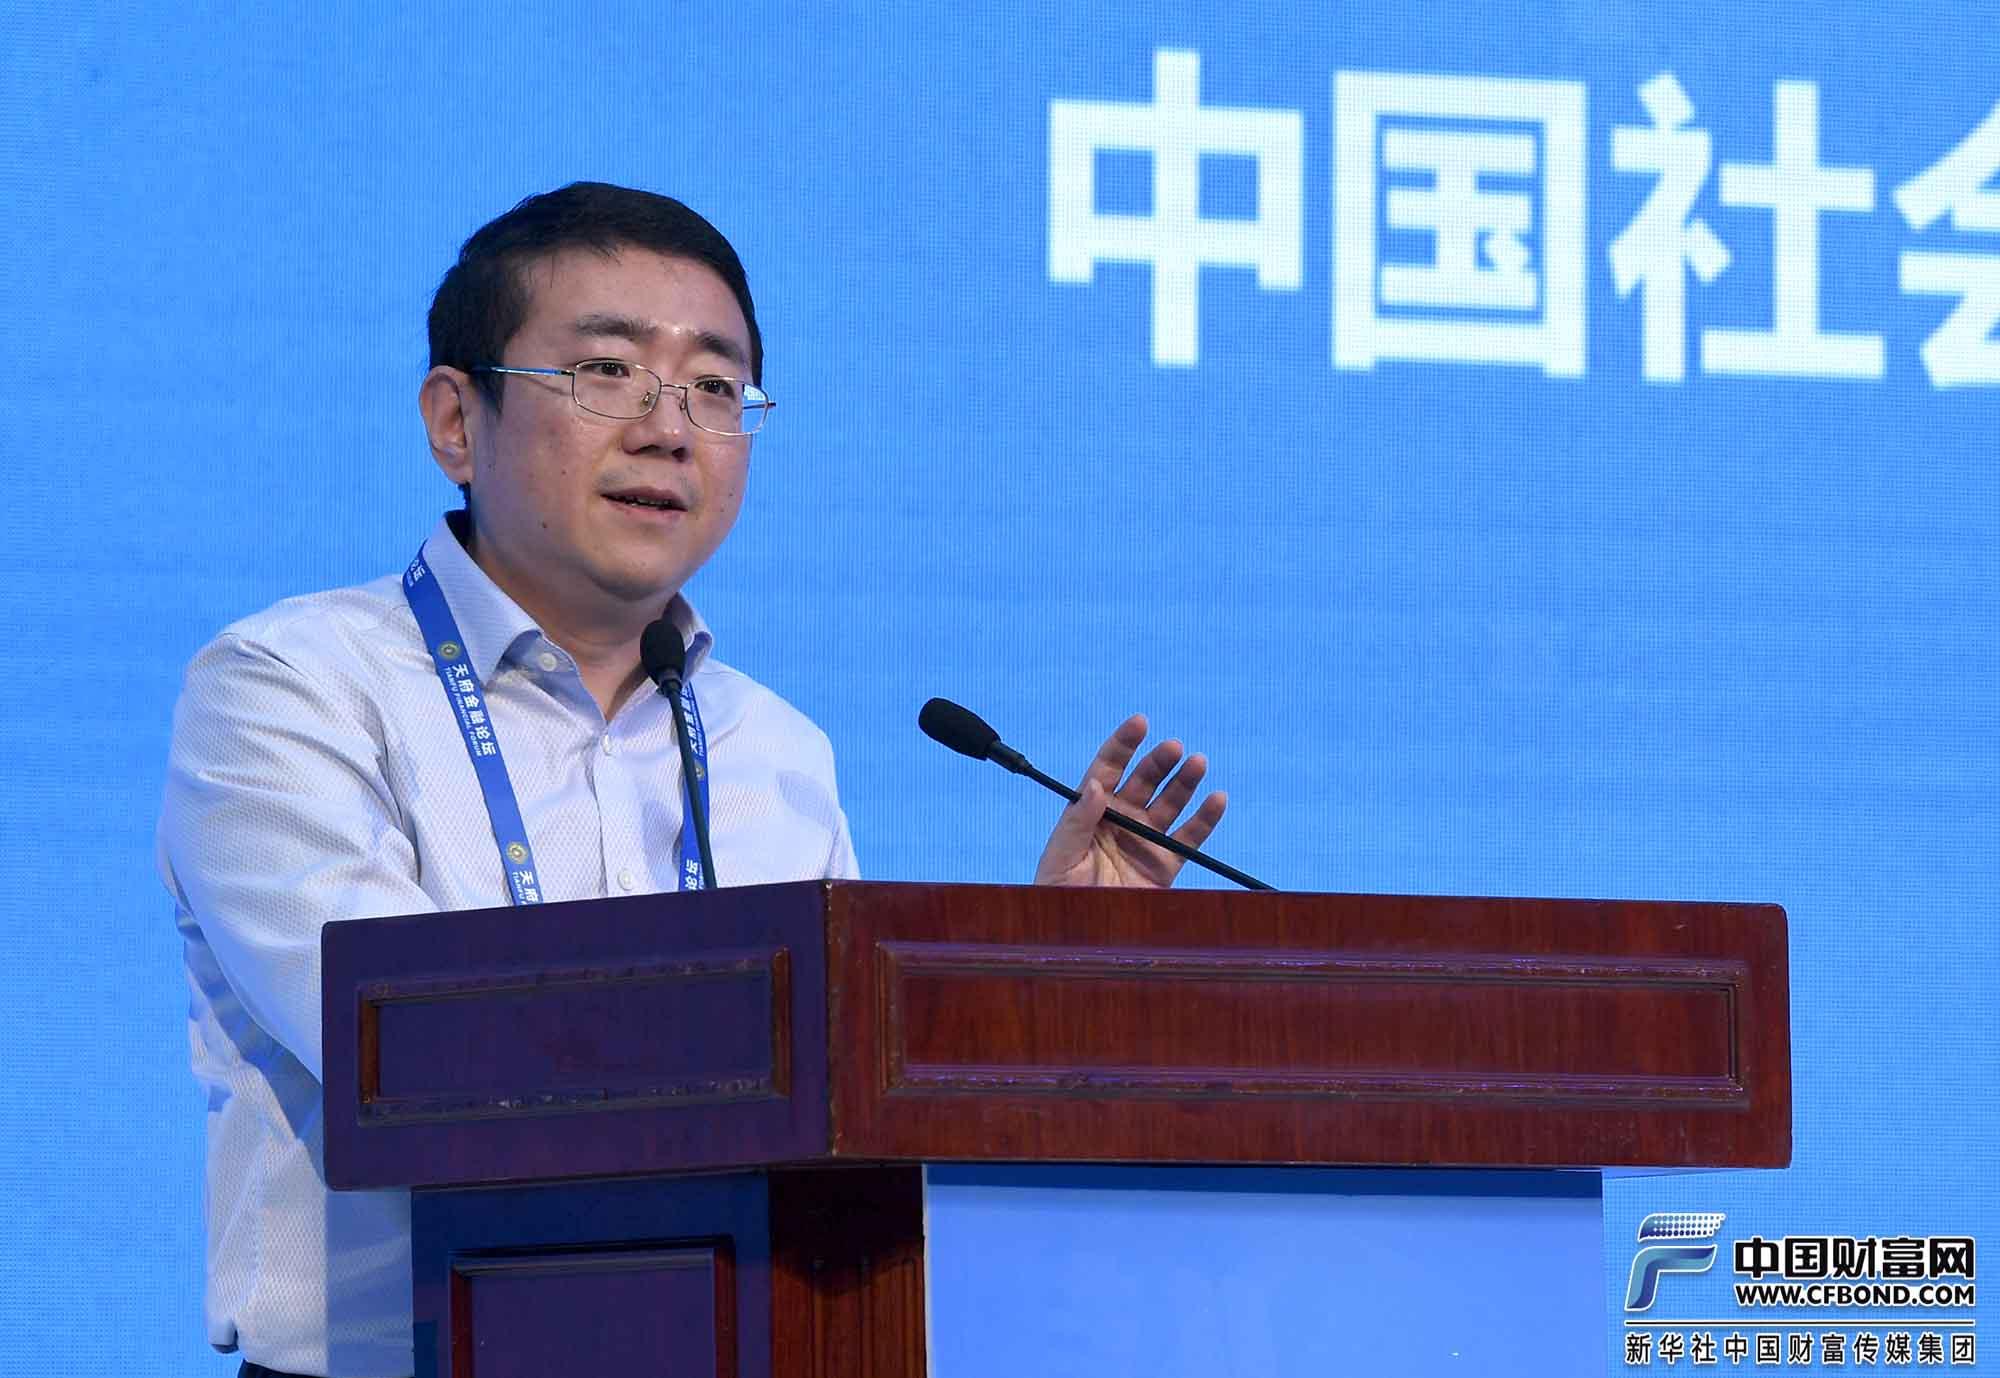 中国社会科学院金融研究所所长助理杨涛点评